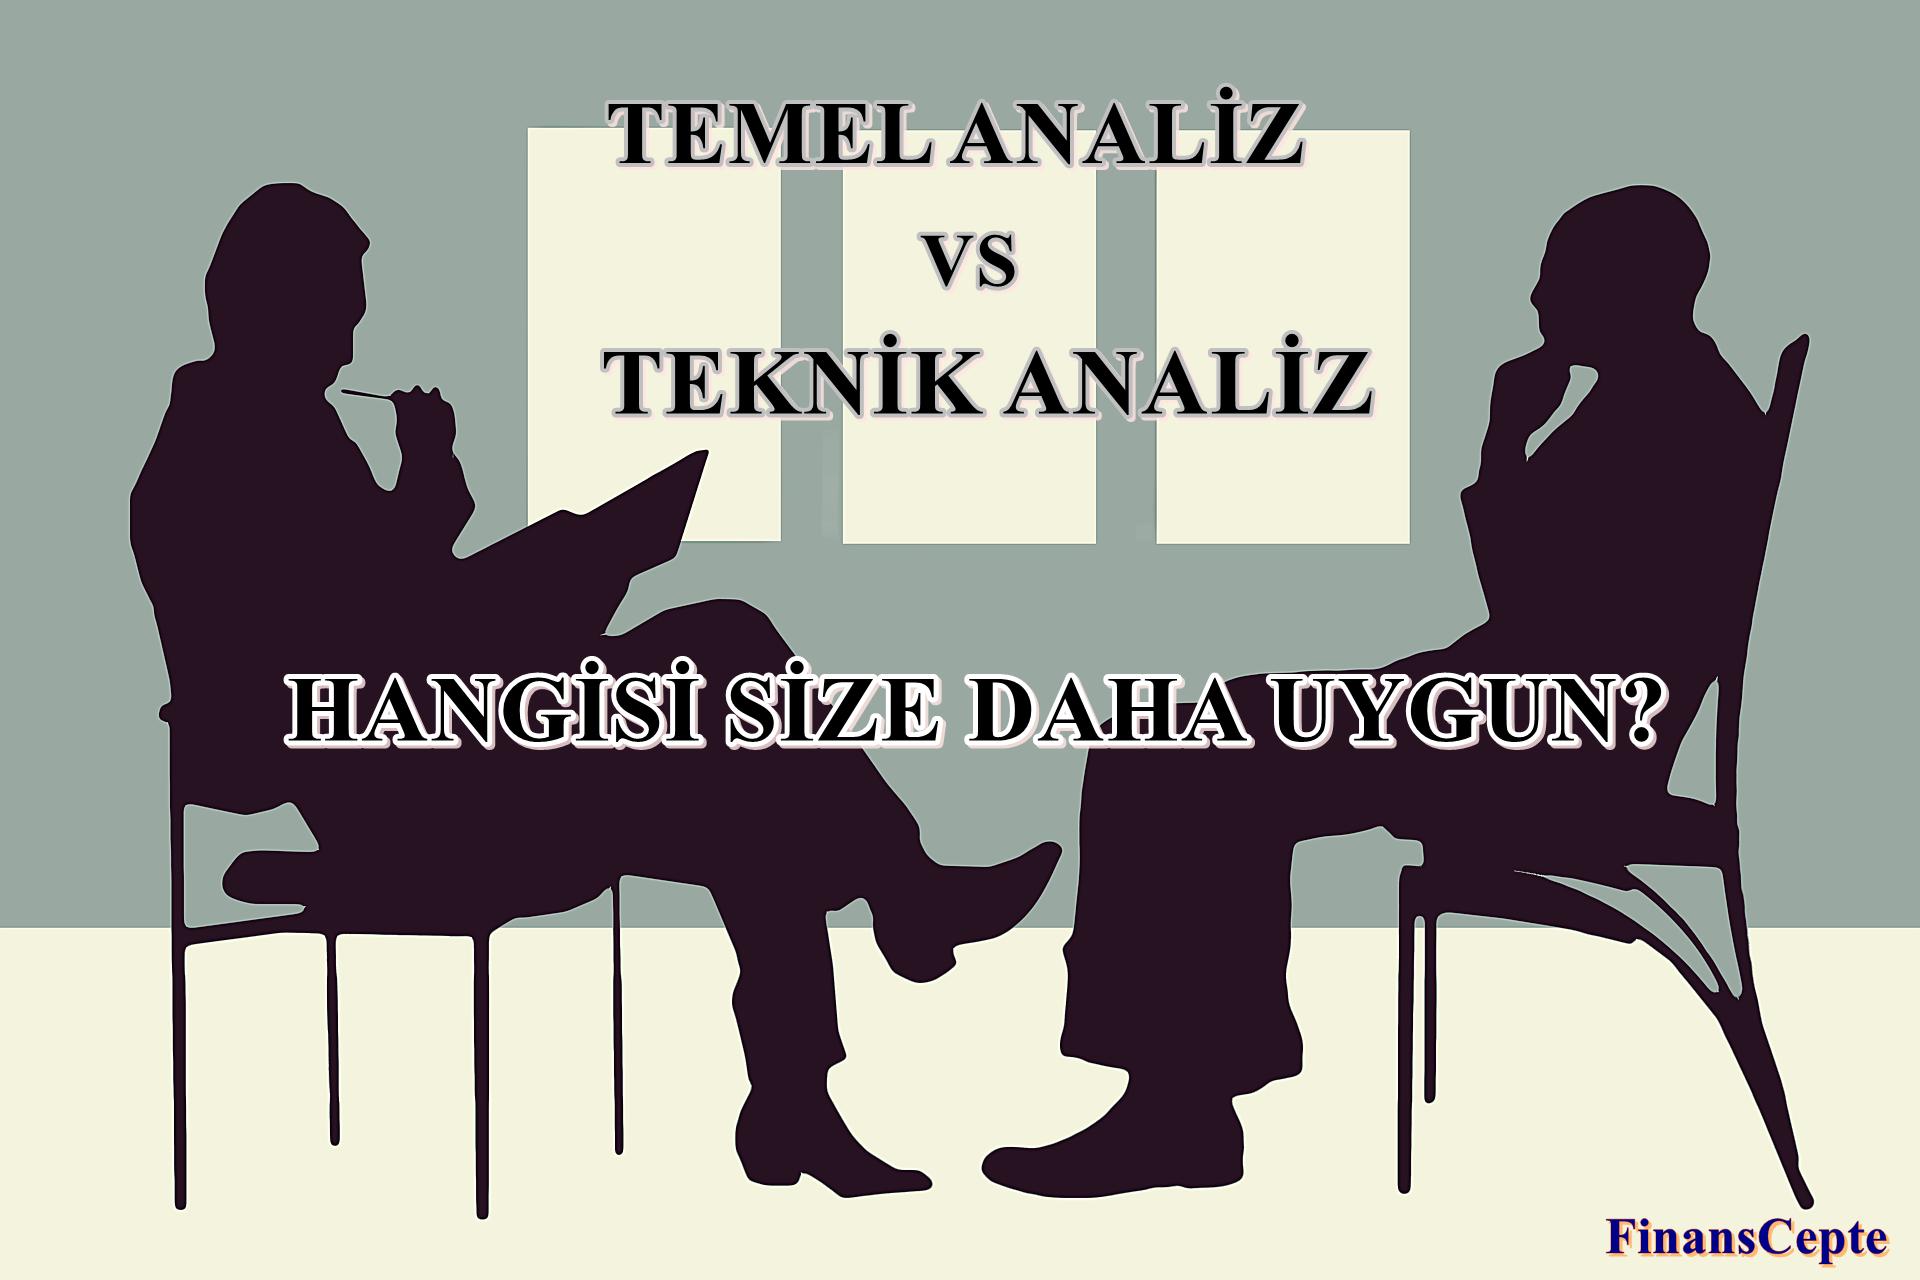 TEKNİK ANALİZ vs TEMEL ANALİZ: HANGİSİ İYİ?